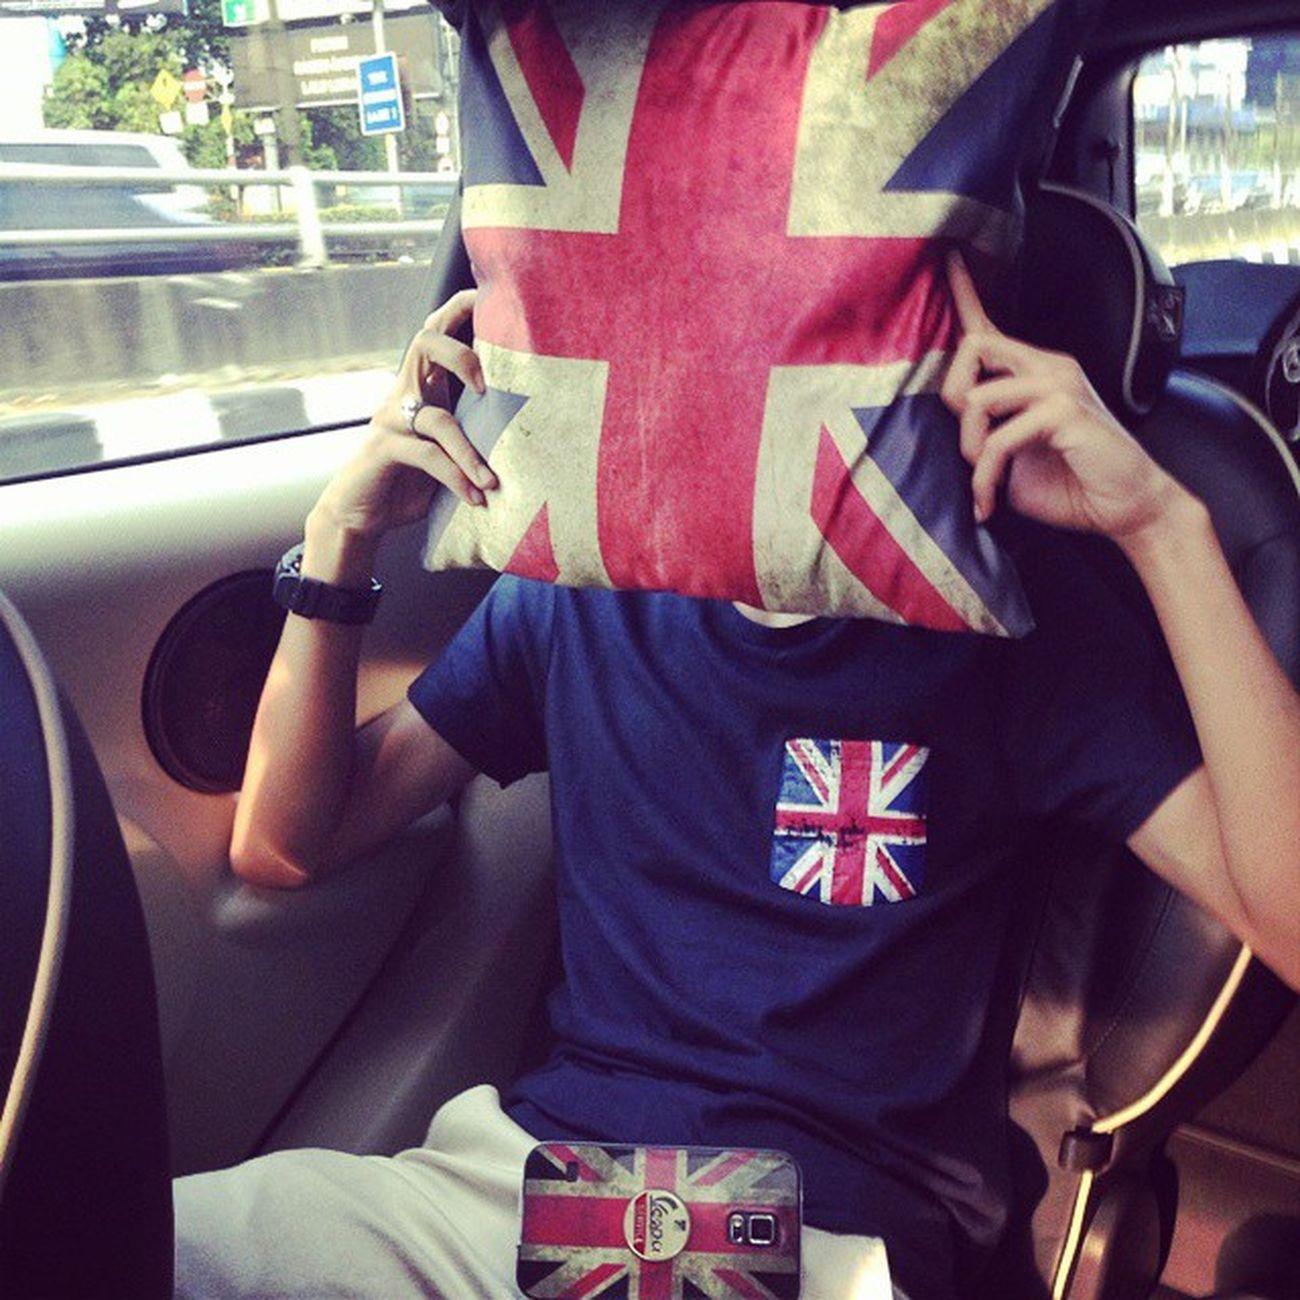 Entahlah England British Vespa Servicezio picofday